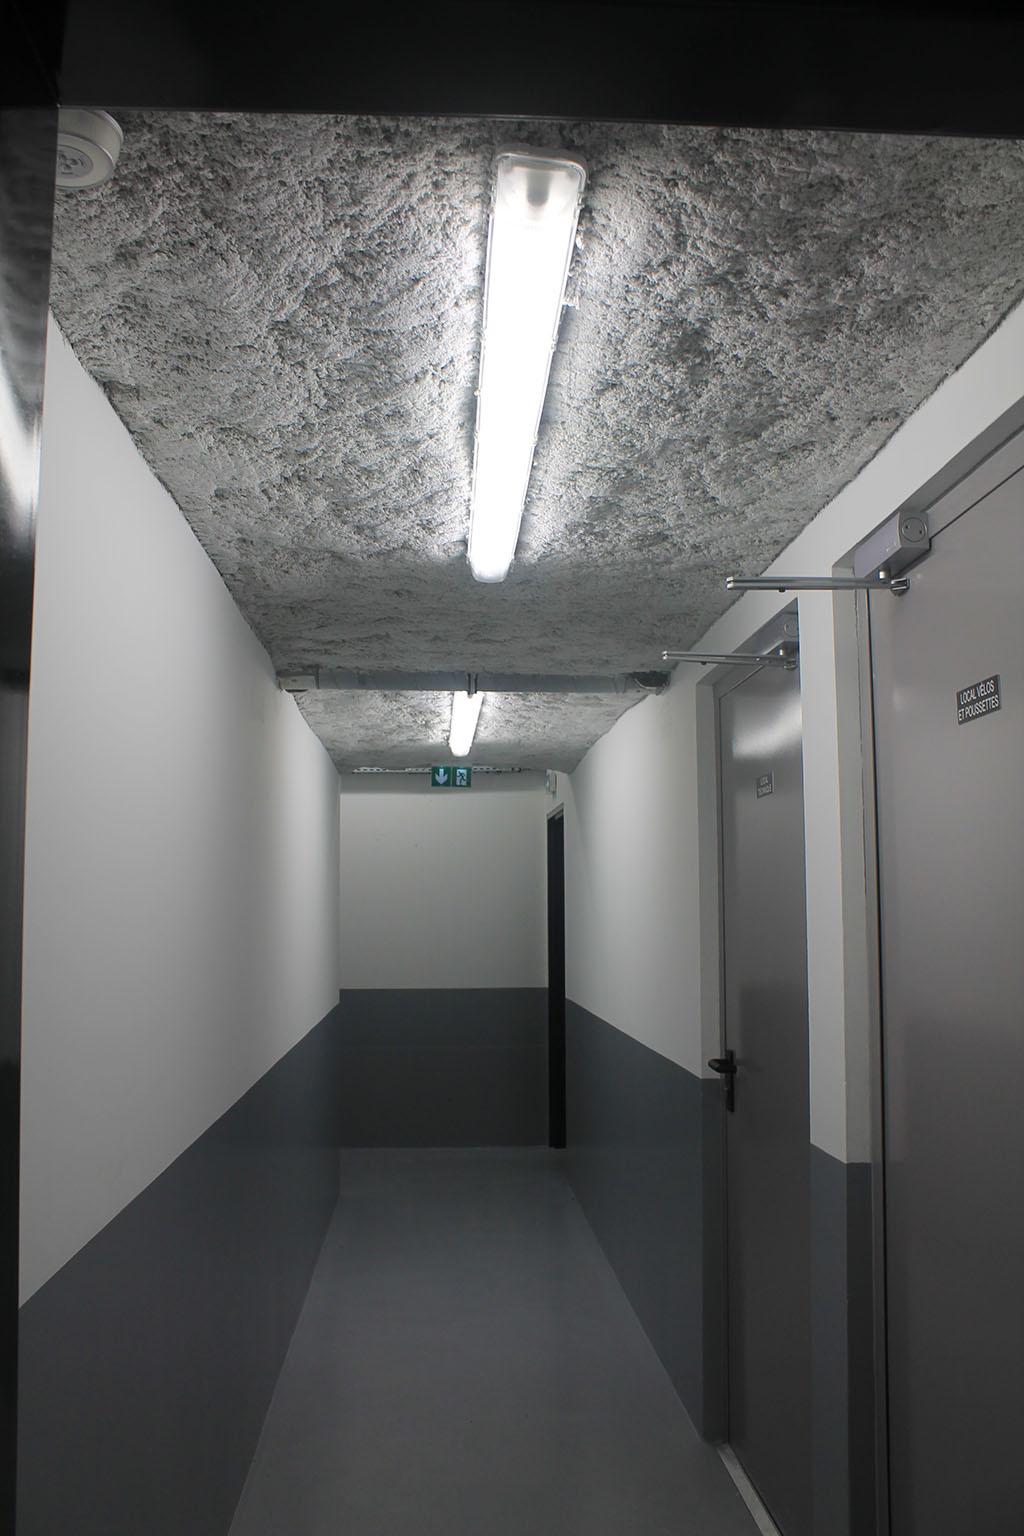 Éclairage et signalétique lumineuse d'évacuation d'un sous-sol.